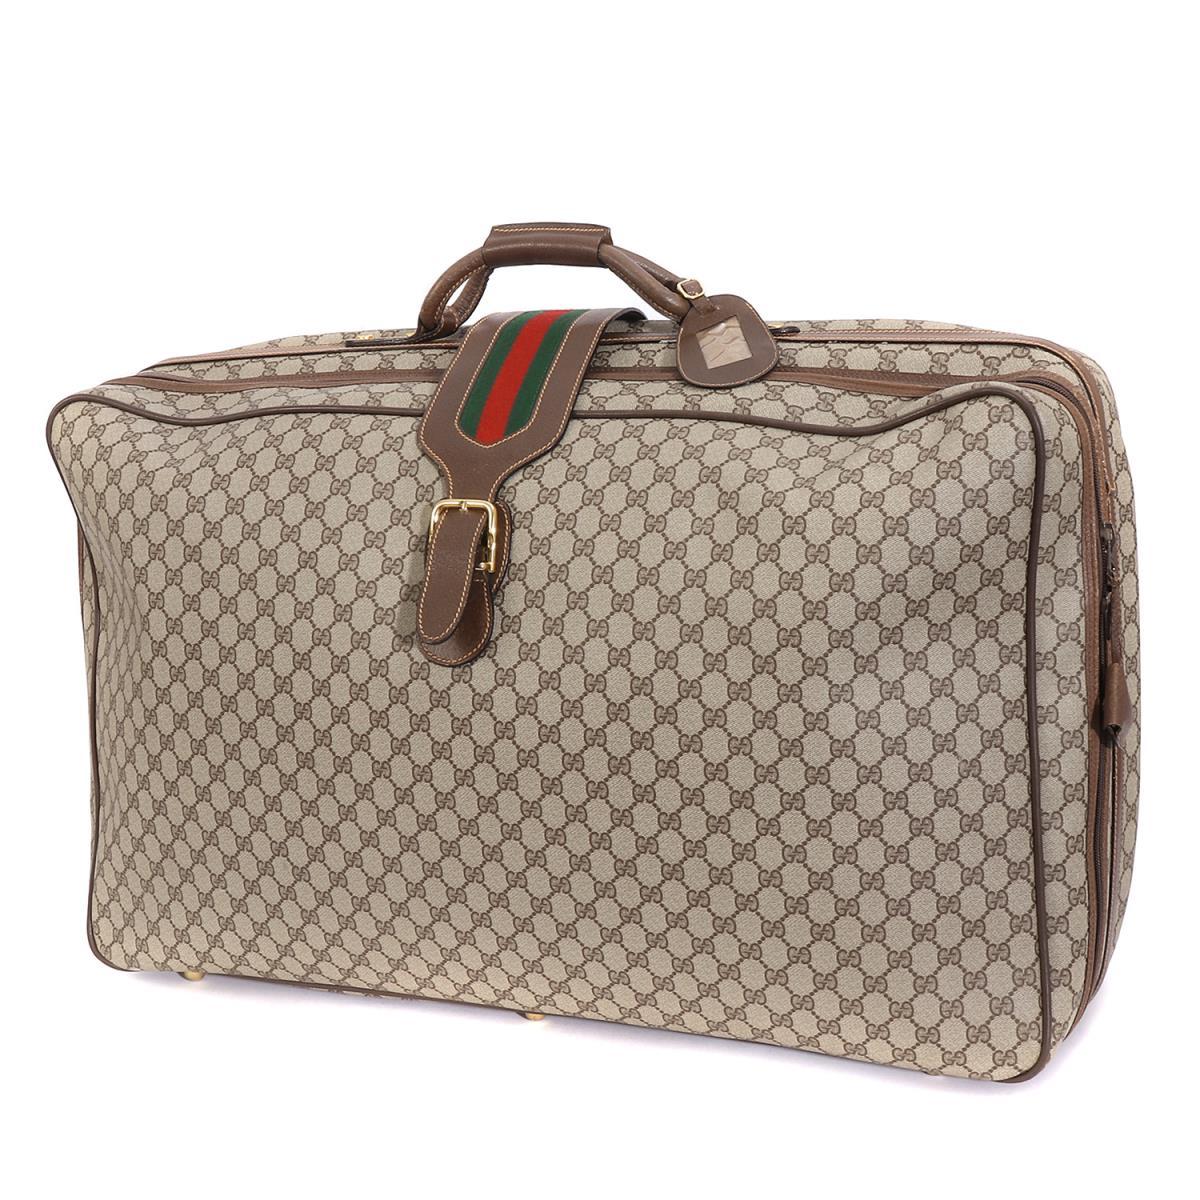 6b85db7a2a89 ... GUCCI (グッチ) シェリーライン GGモノグラムトラベルバッグ | / スーツケース | / トランクケース(オールドグッチ) ベージュ  | メンズ | K2165 | ☆対応可